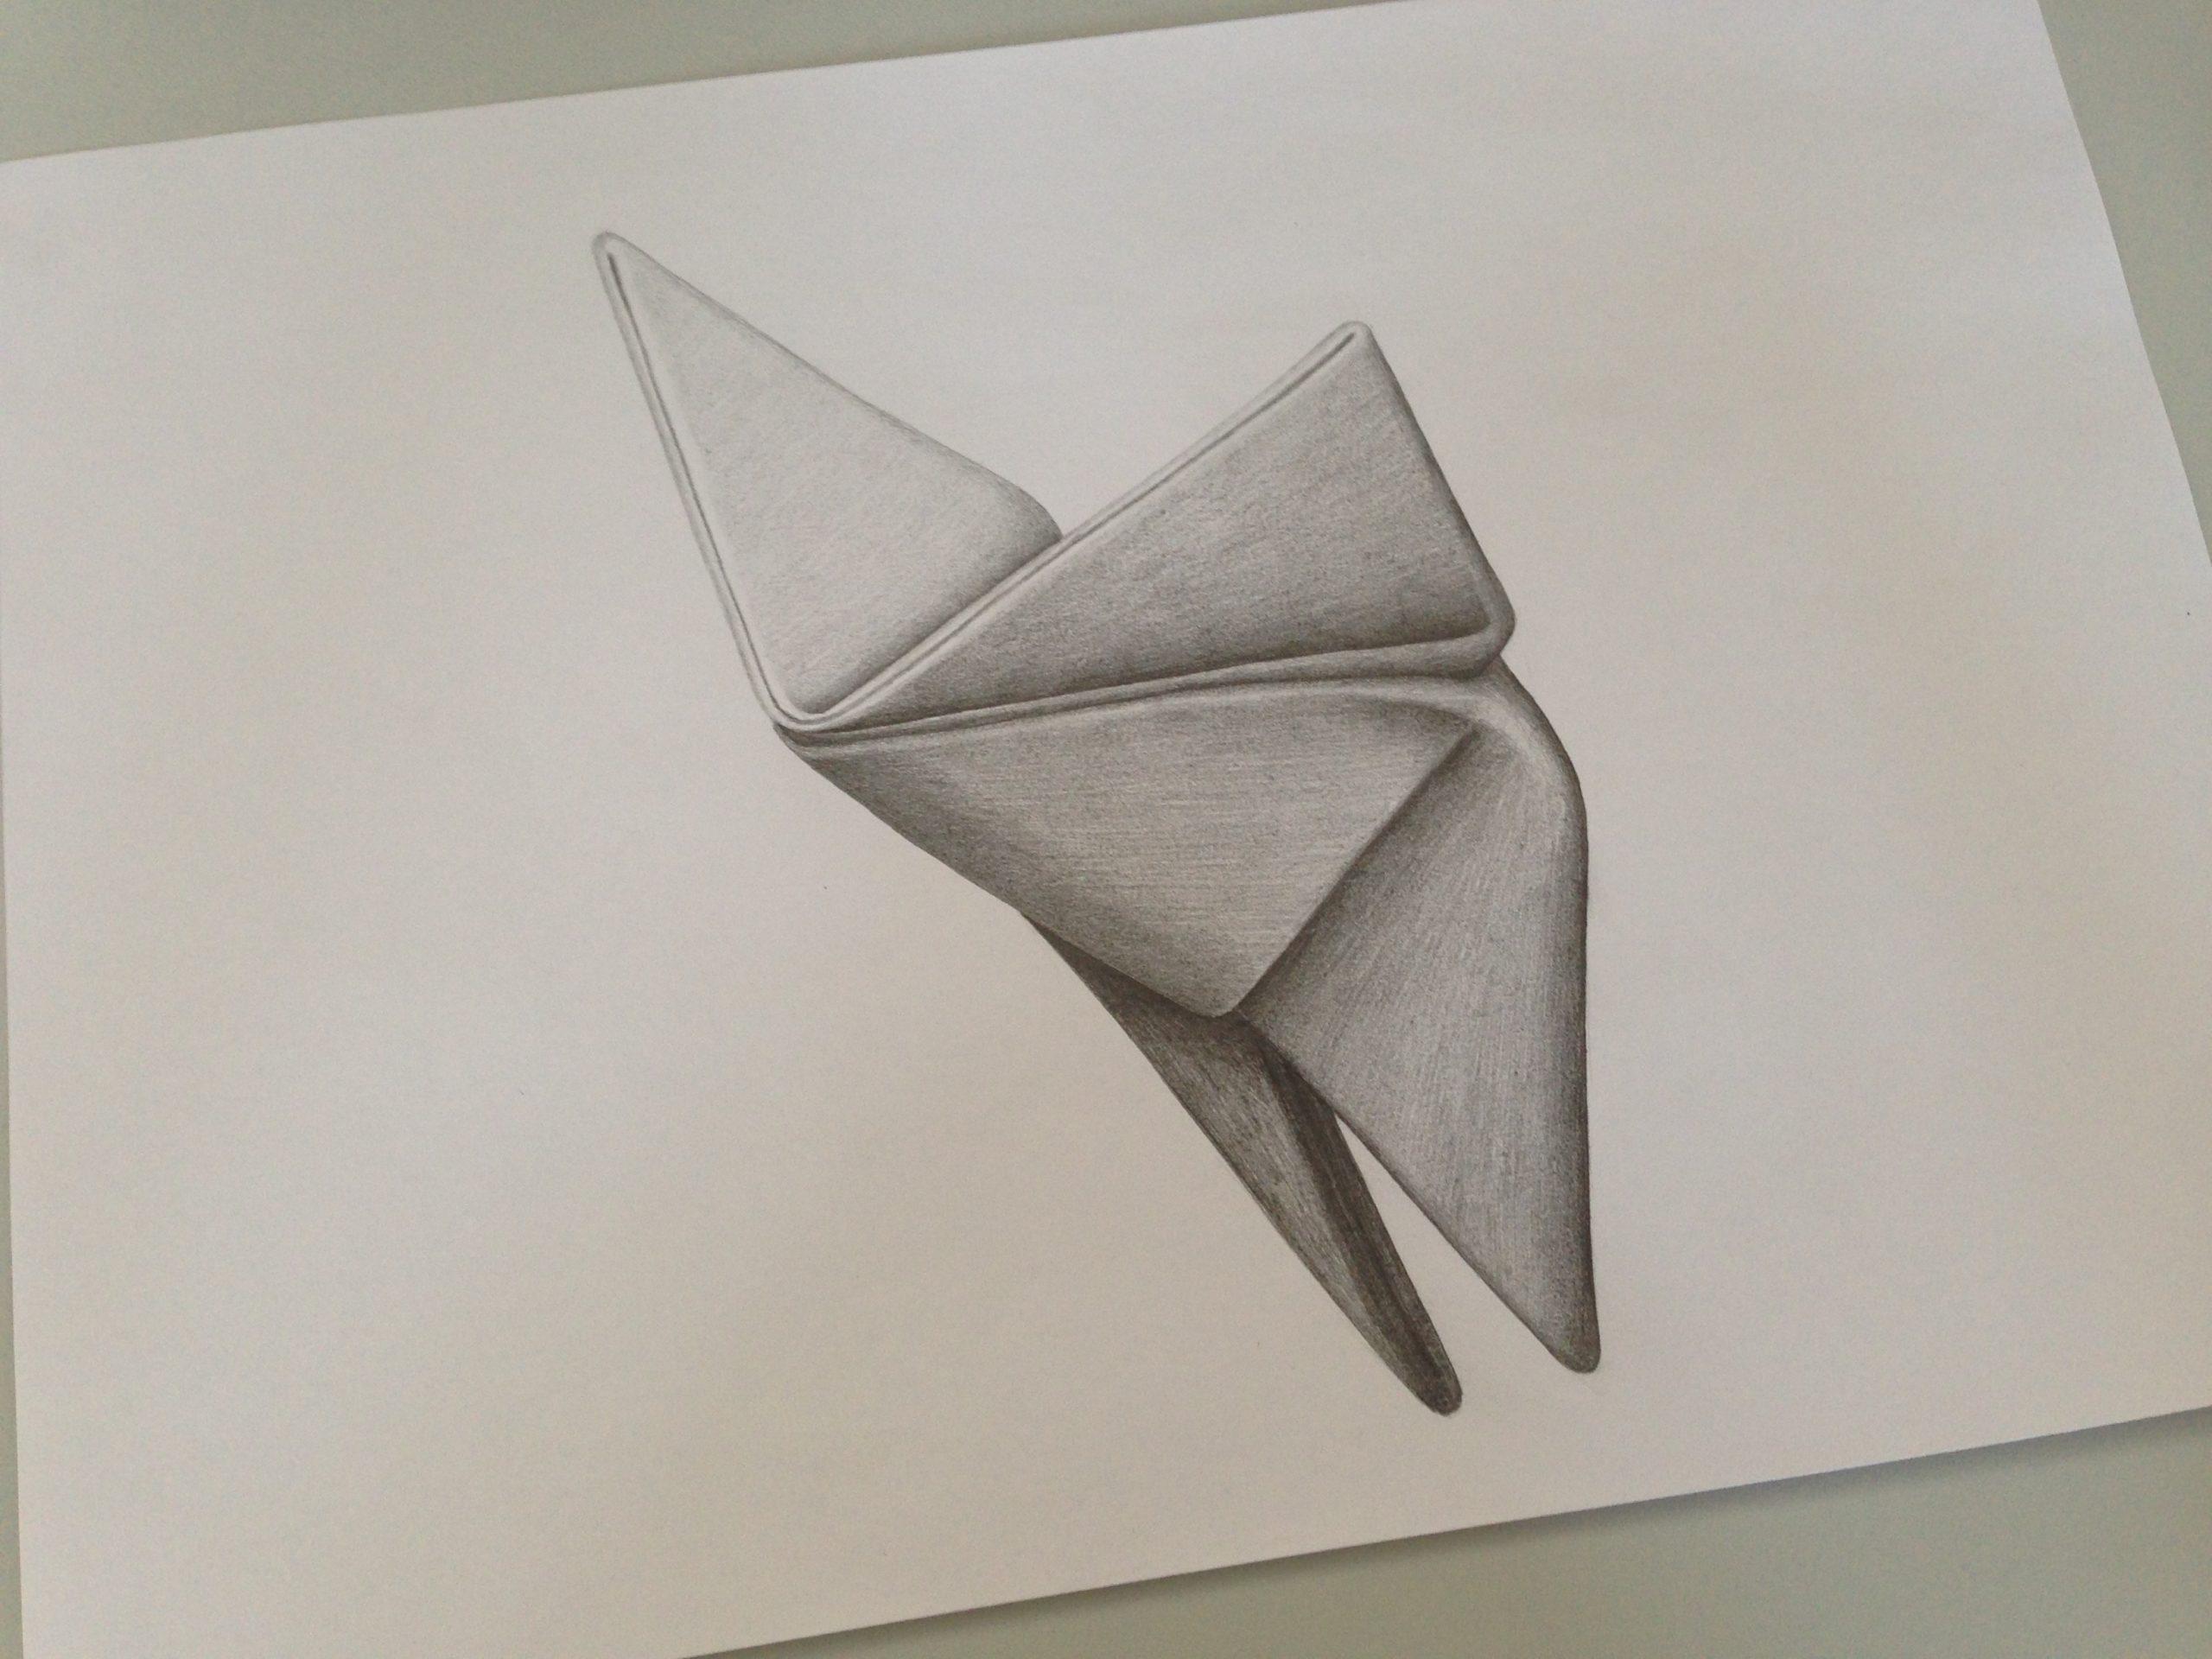 OrigamiSchmetterling